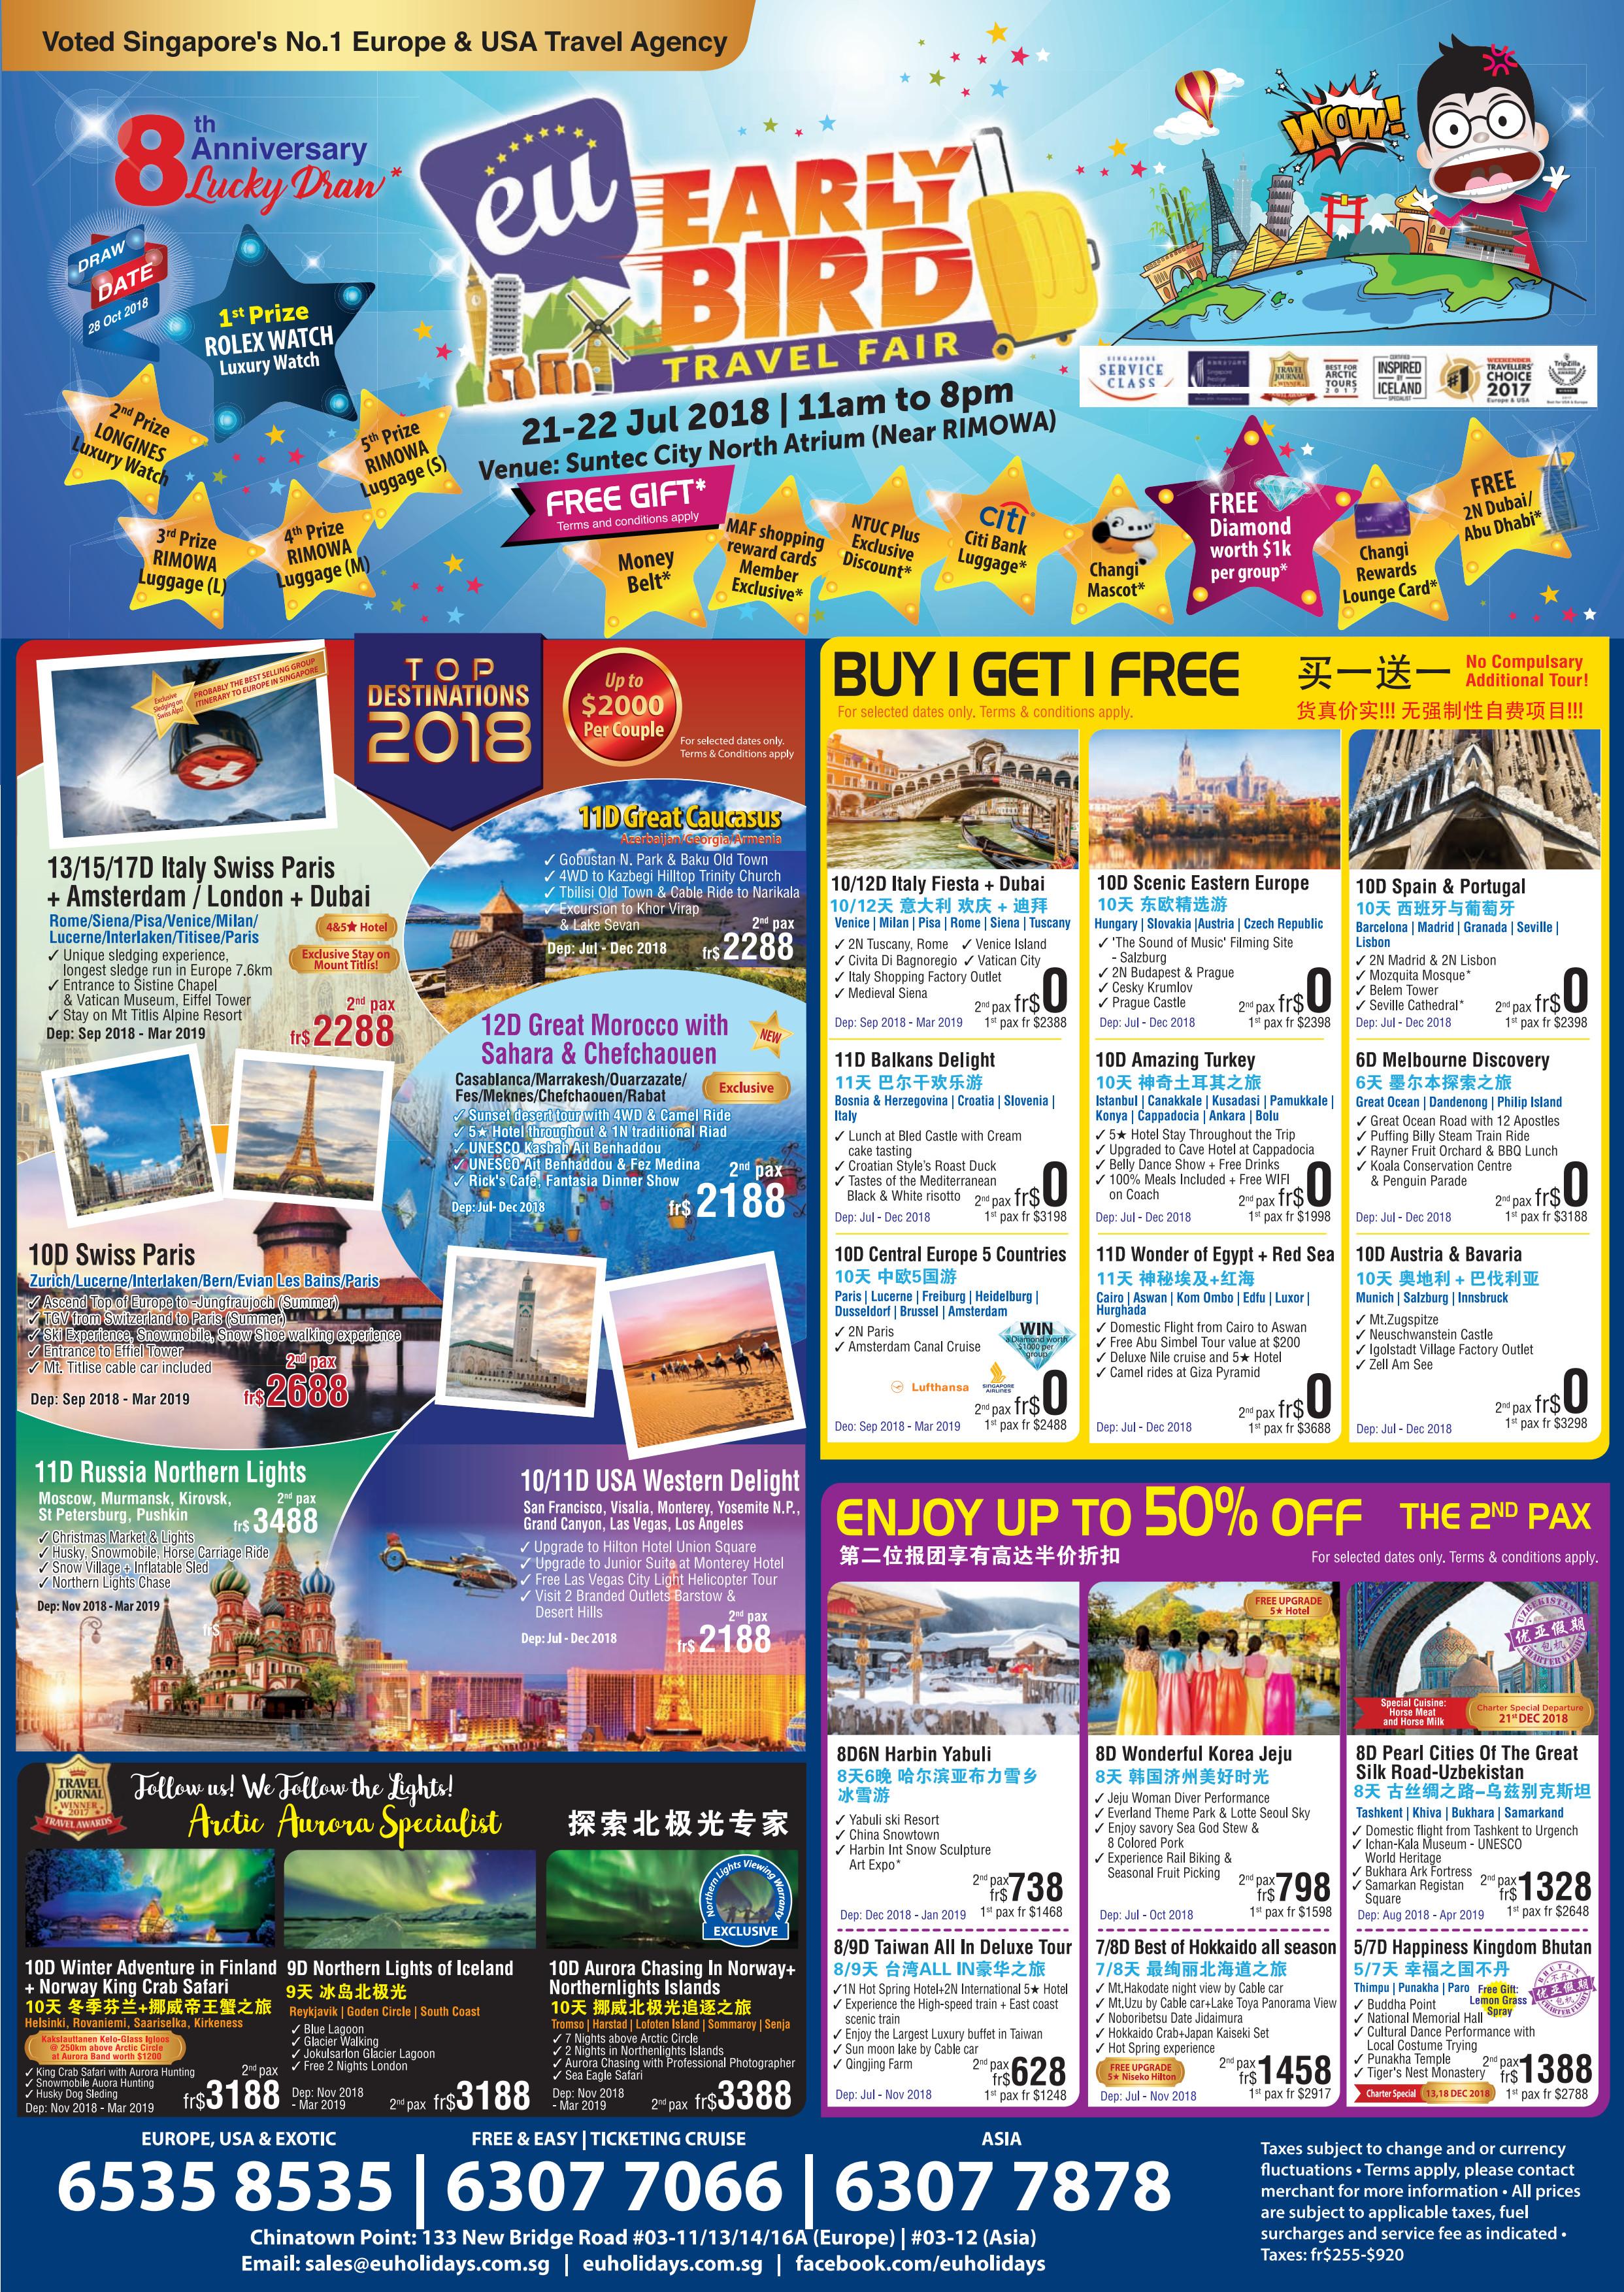 EU Early Bird Travel Fair - Brochures